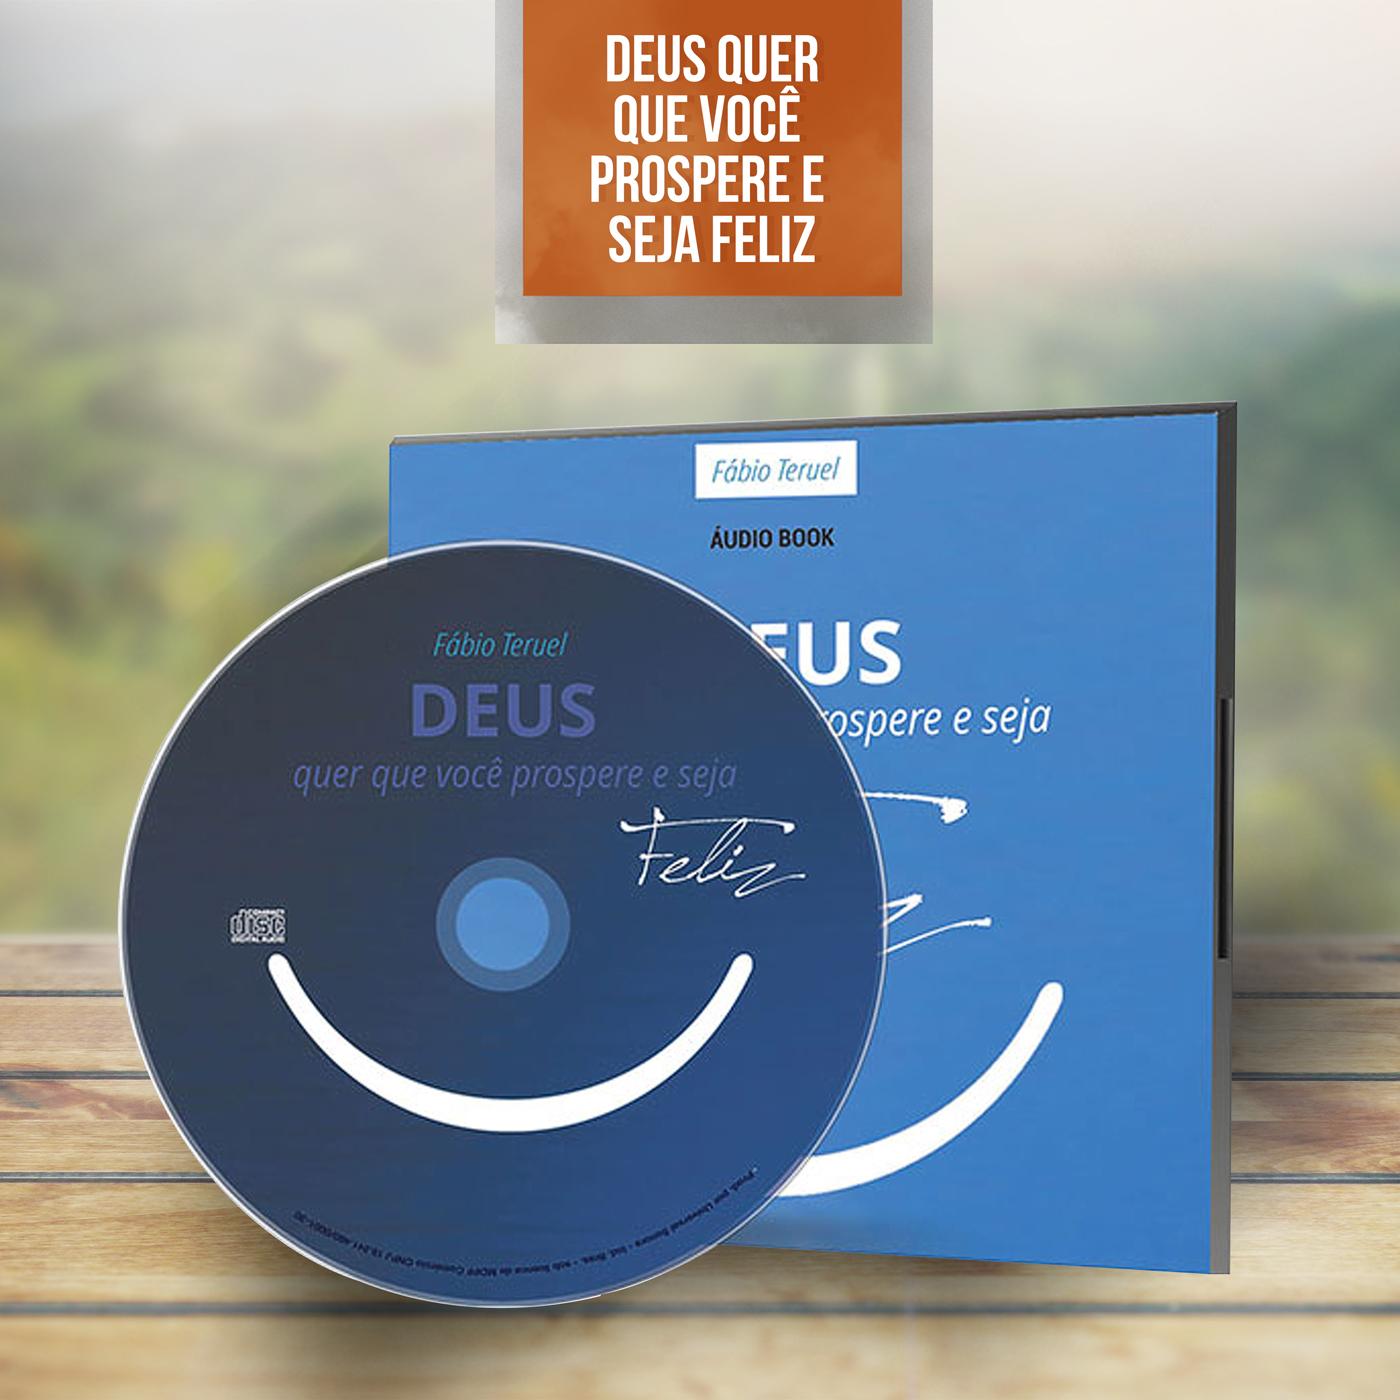 Audio Book - Deus quer que você prospere e seja Feliz - Fábio Teruel